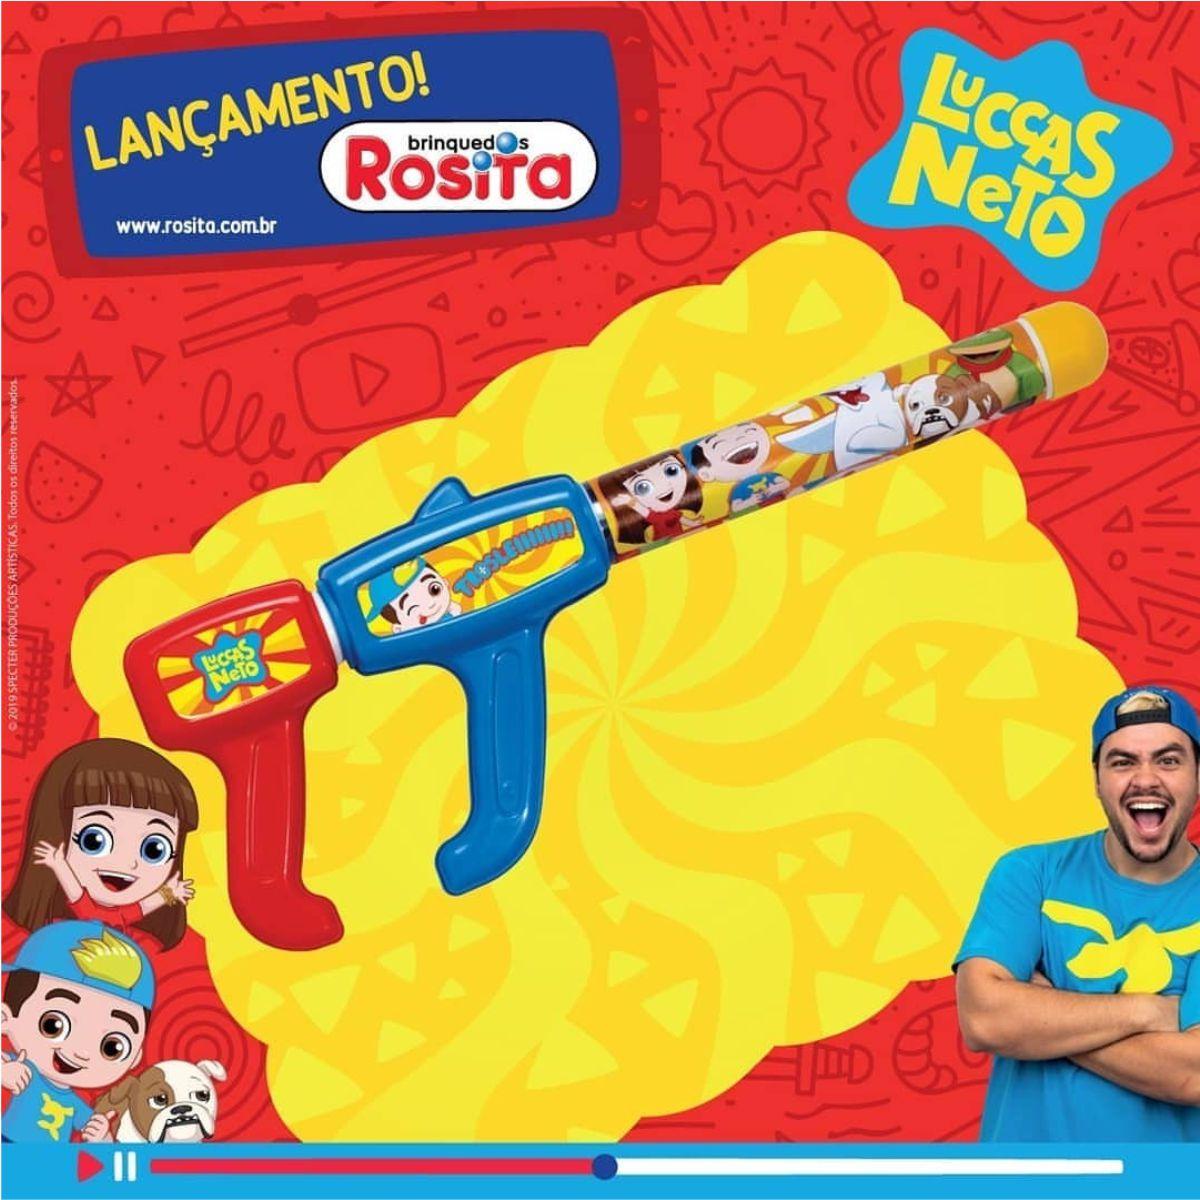 Boneco Luccas Neto Original Rosita com Boliche e Lança Agua